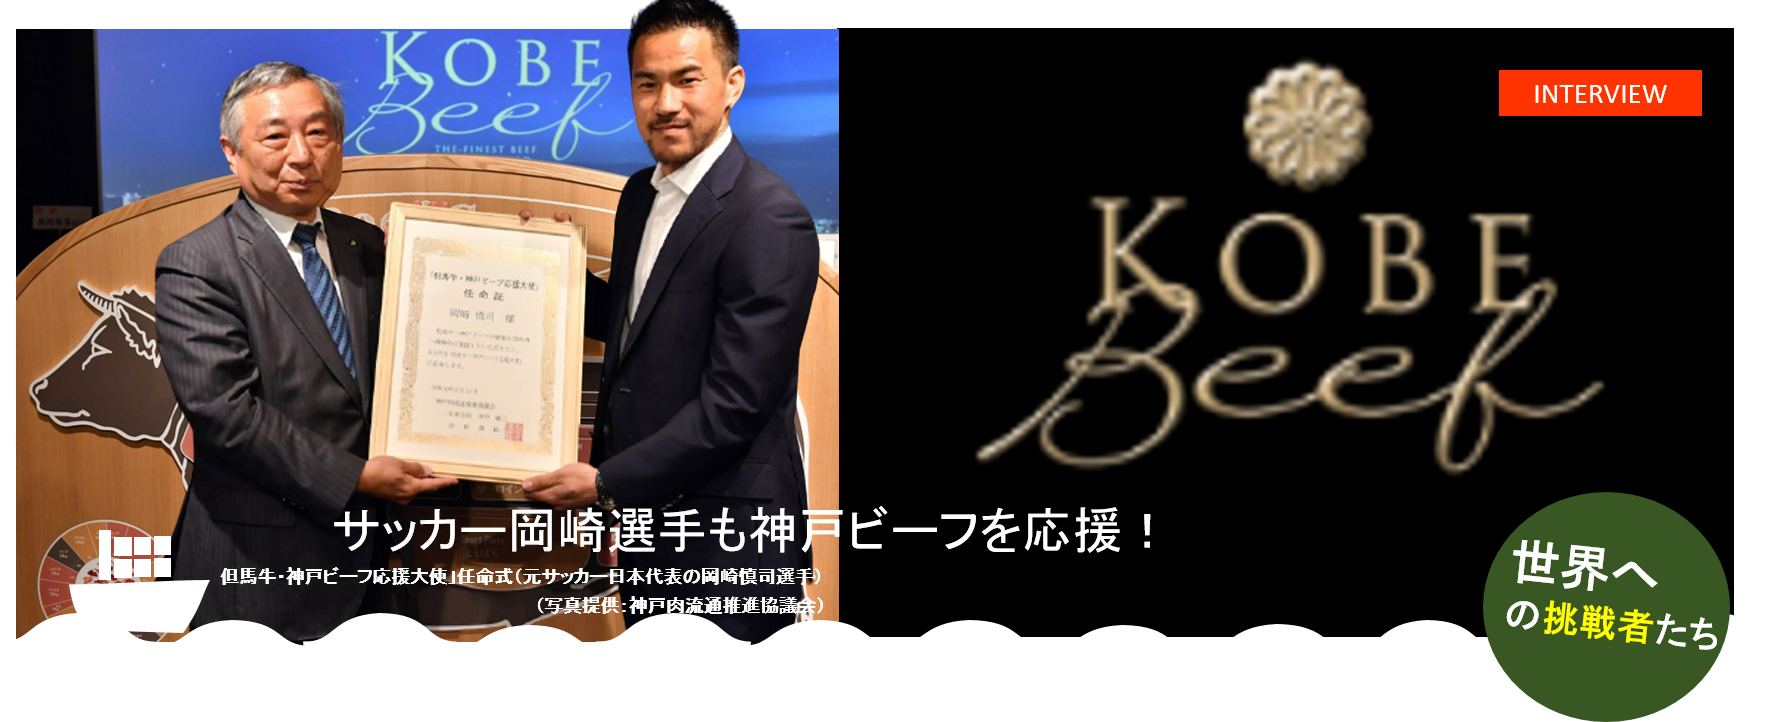 流通 神戸 協議 会 推進 肉